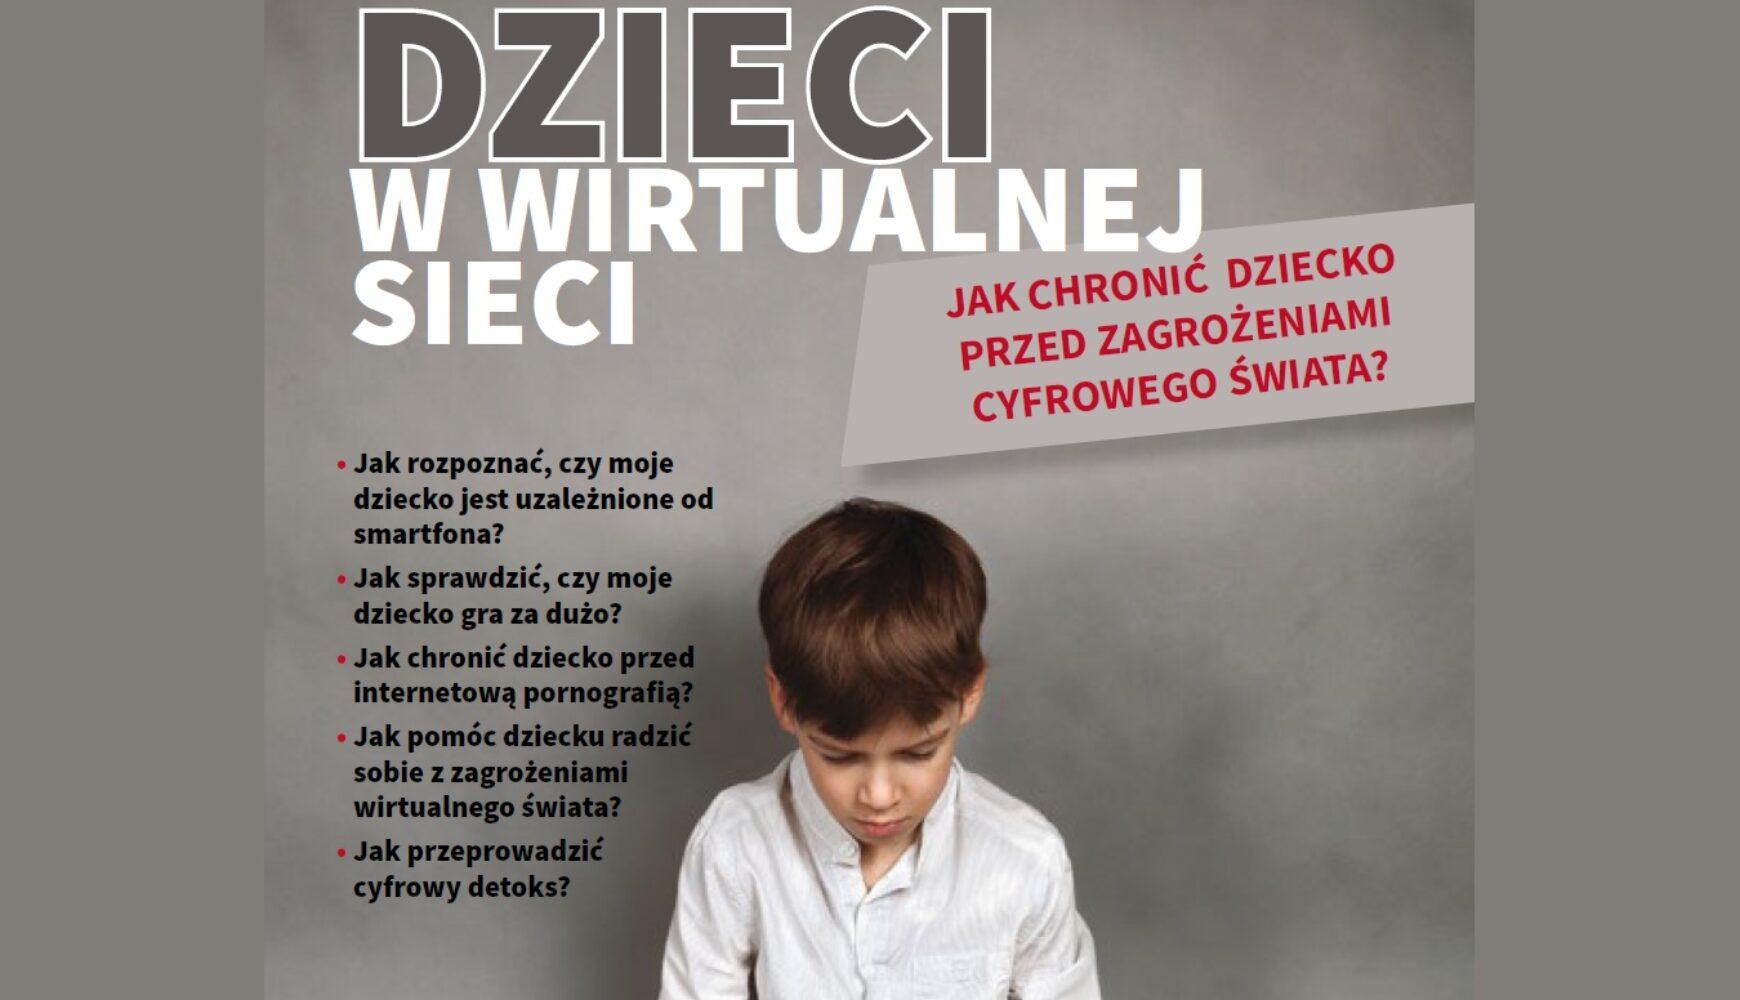 Dzieci wwirtualnej sieci